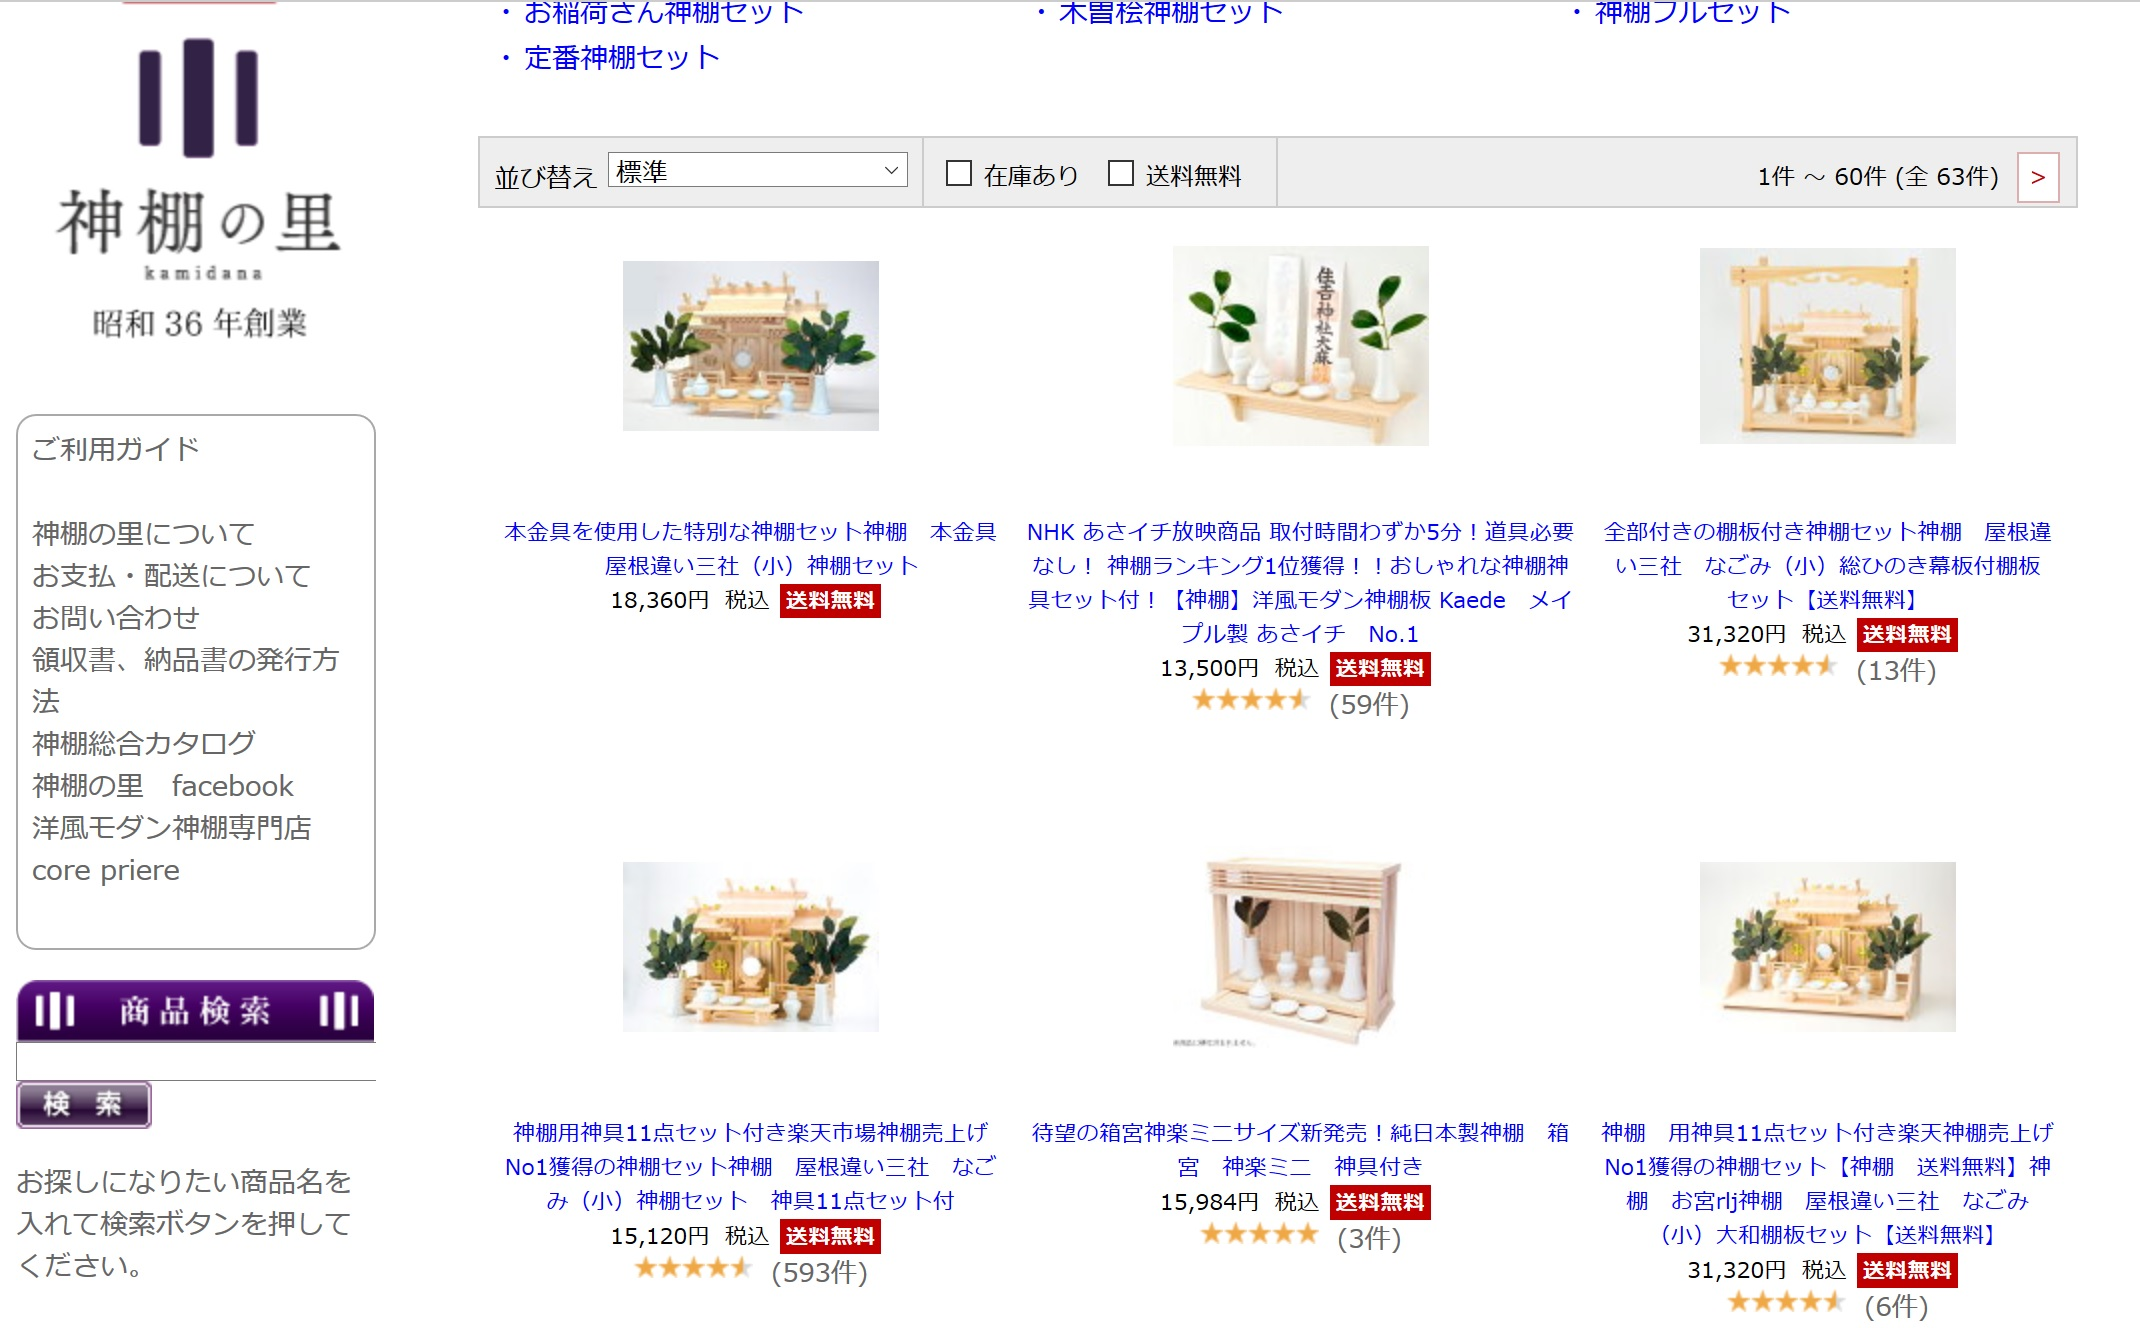 楽天の神棚の里通販サイト